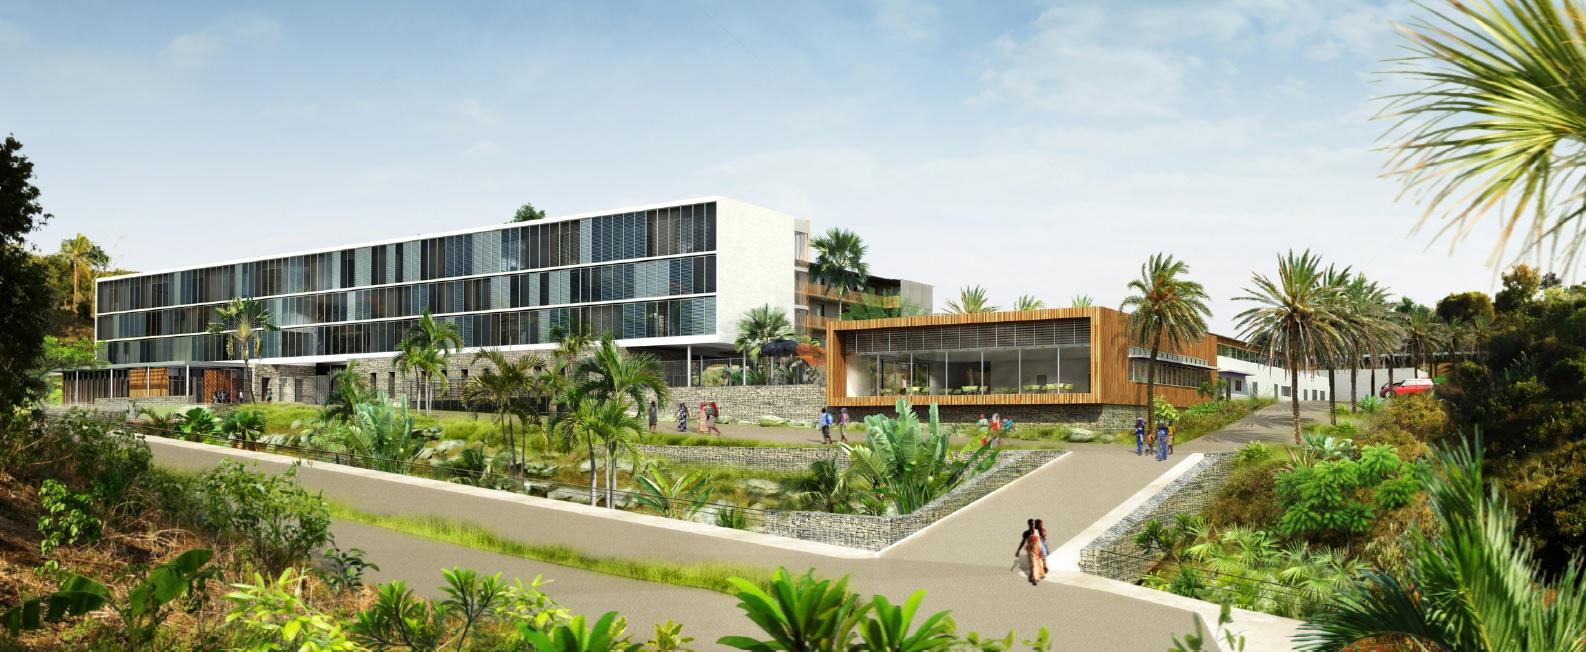 Construction du collège de MAJICAVO à MAYOTTE